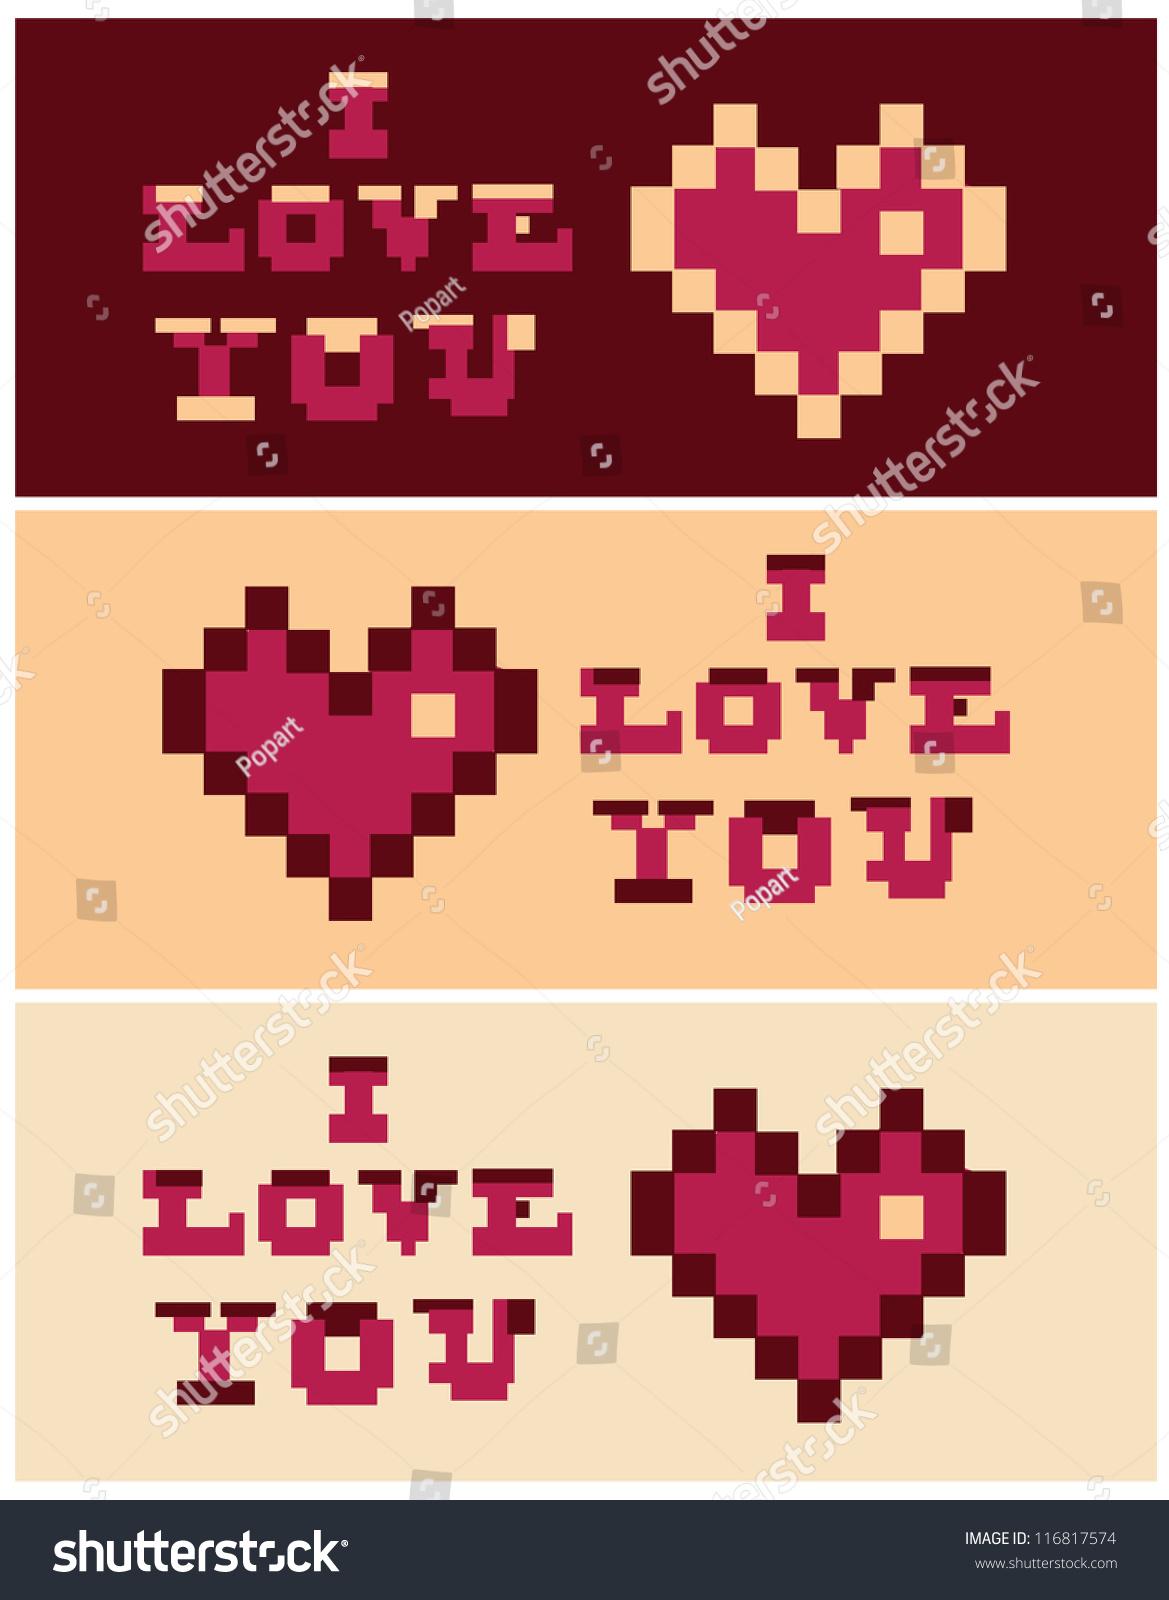 Image Vectorielle De Stock De Pixel Art Love You Heart Text